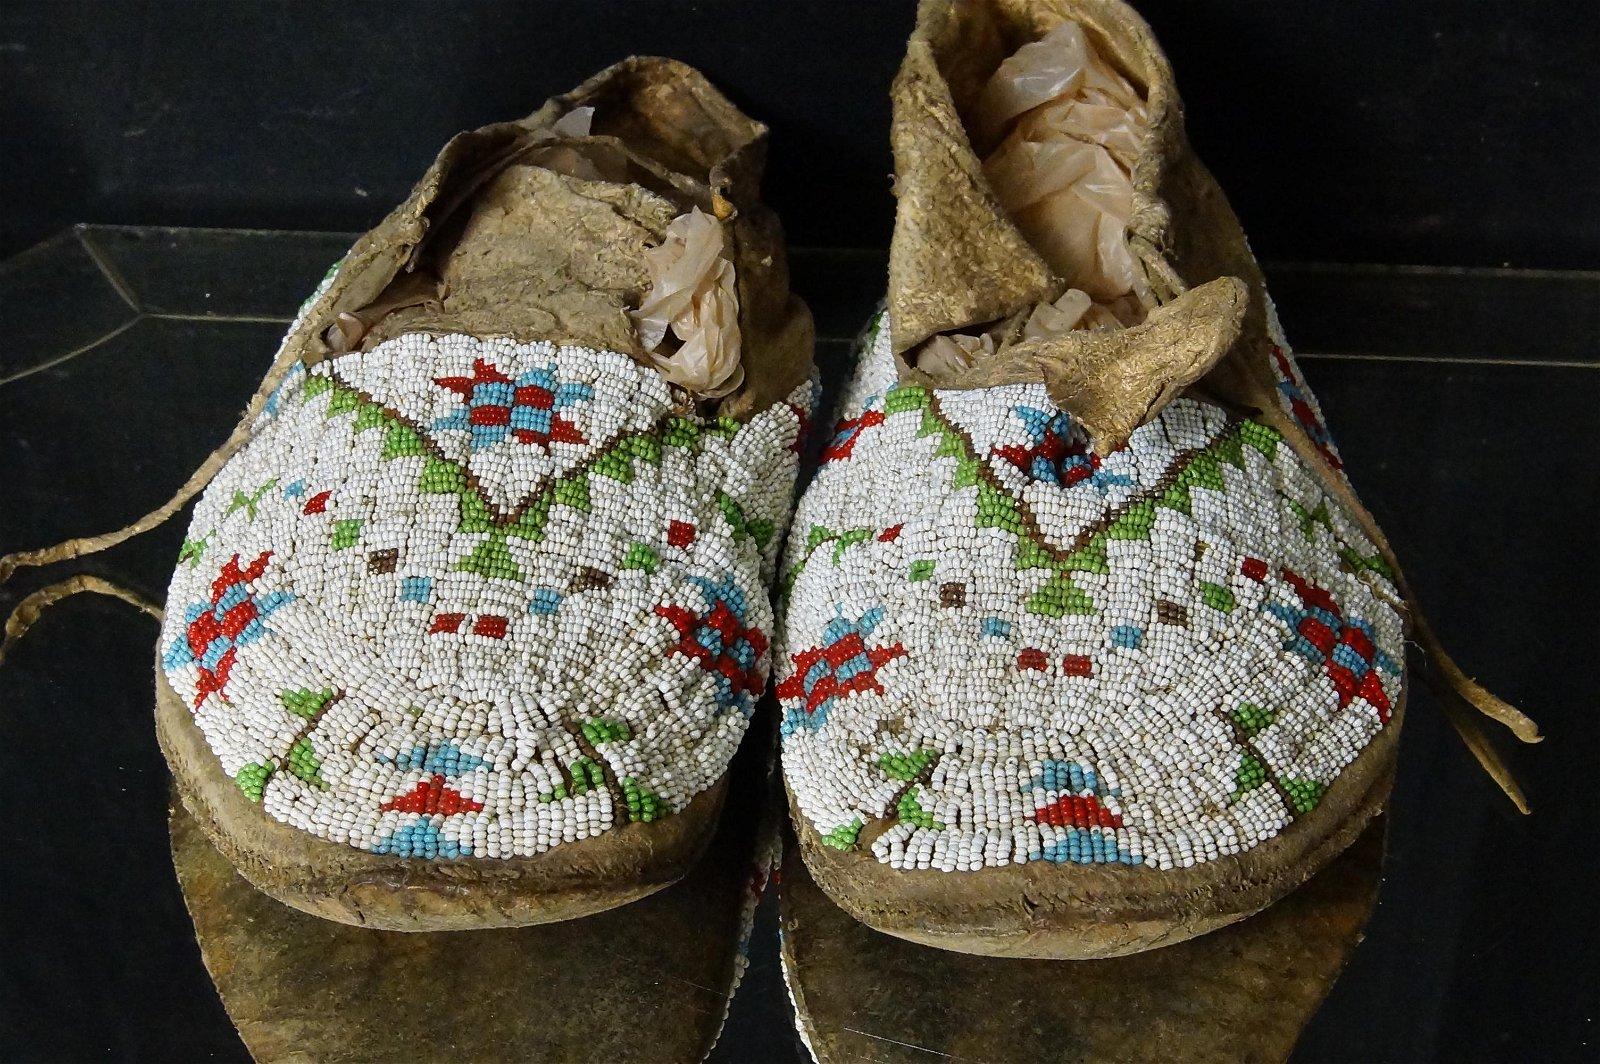 Antique Sioux beaded moccasins circa 1900